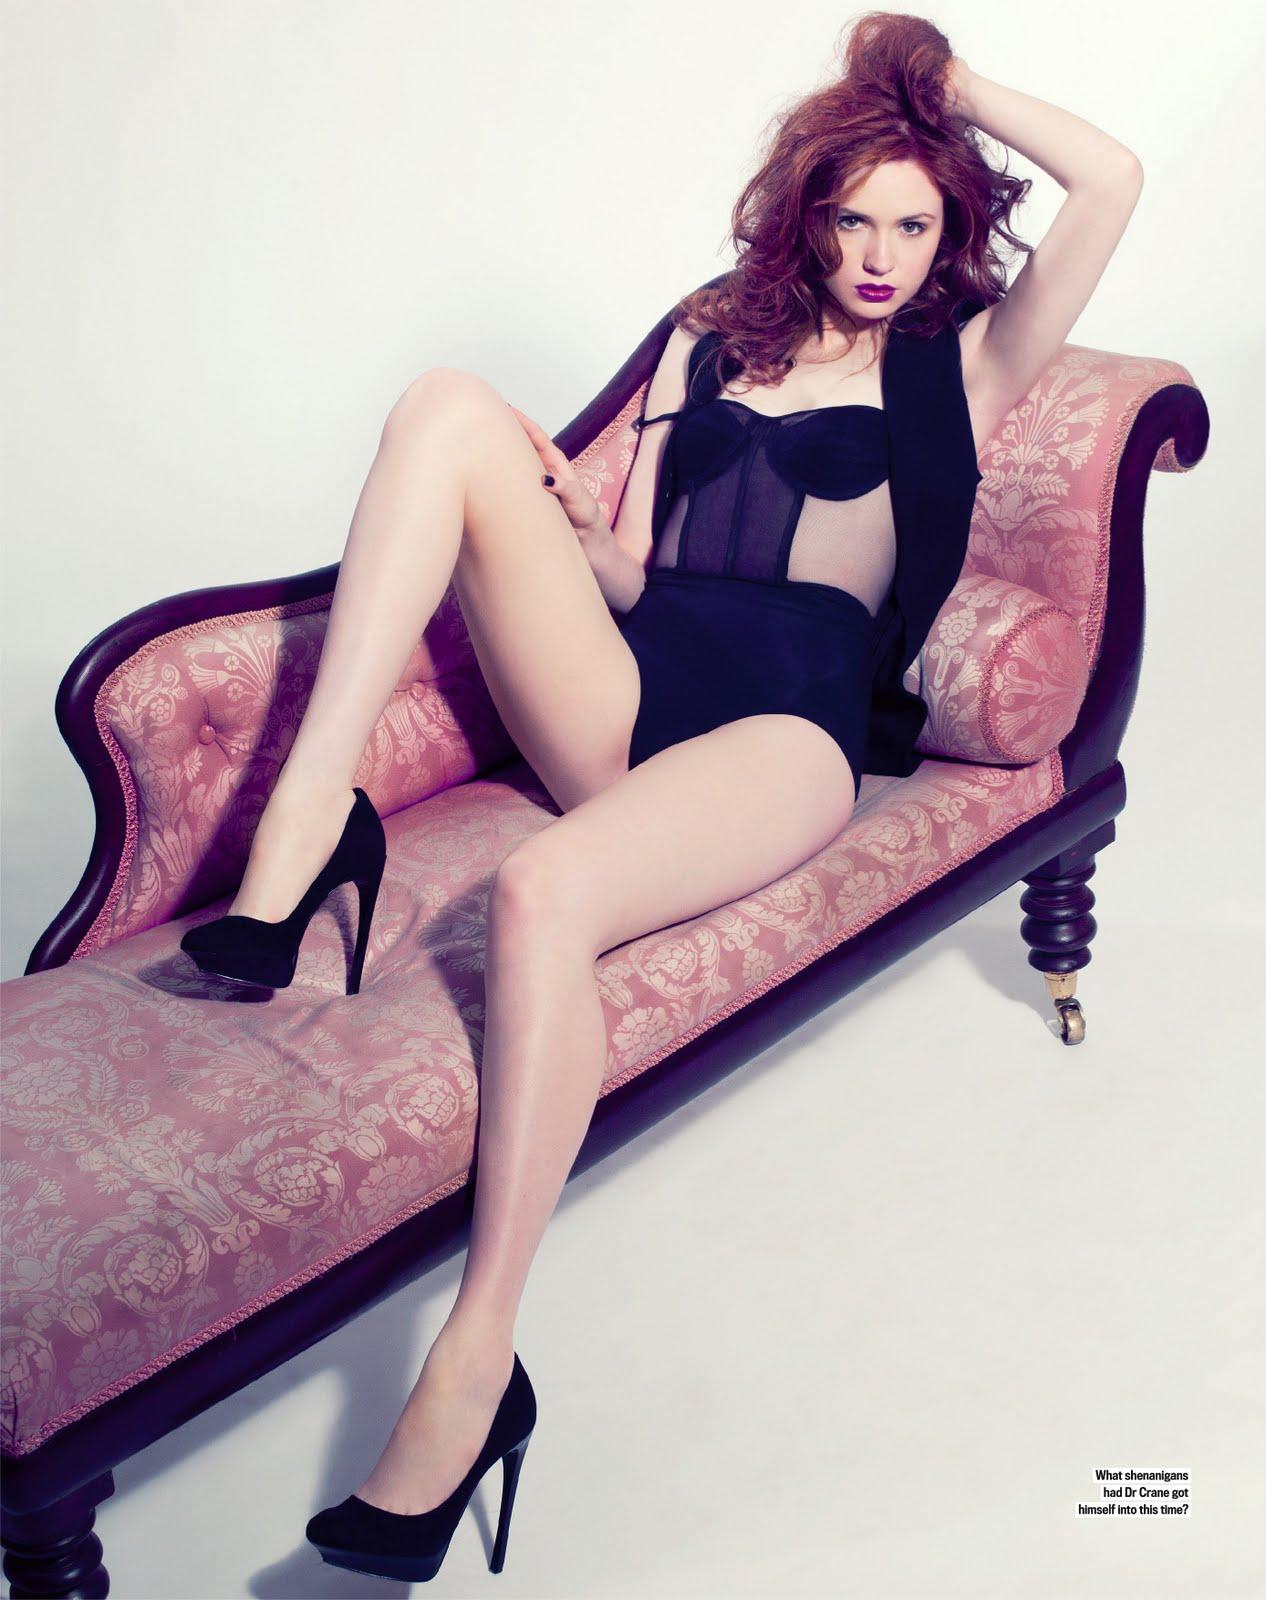 http://4.bp.blogspot.com/-uyREfZINZEI/Tm13dlK3CpI/AAAAAAAAAa8/F18EsQIWid8/s1600/Karen+gillan+legs.jpg